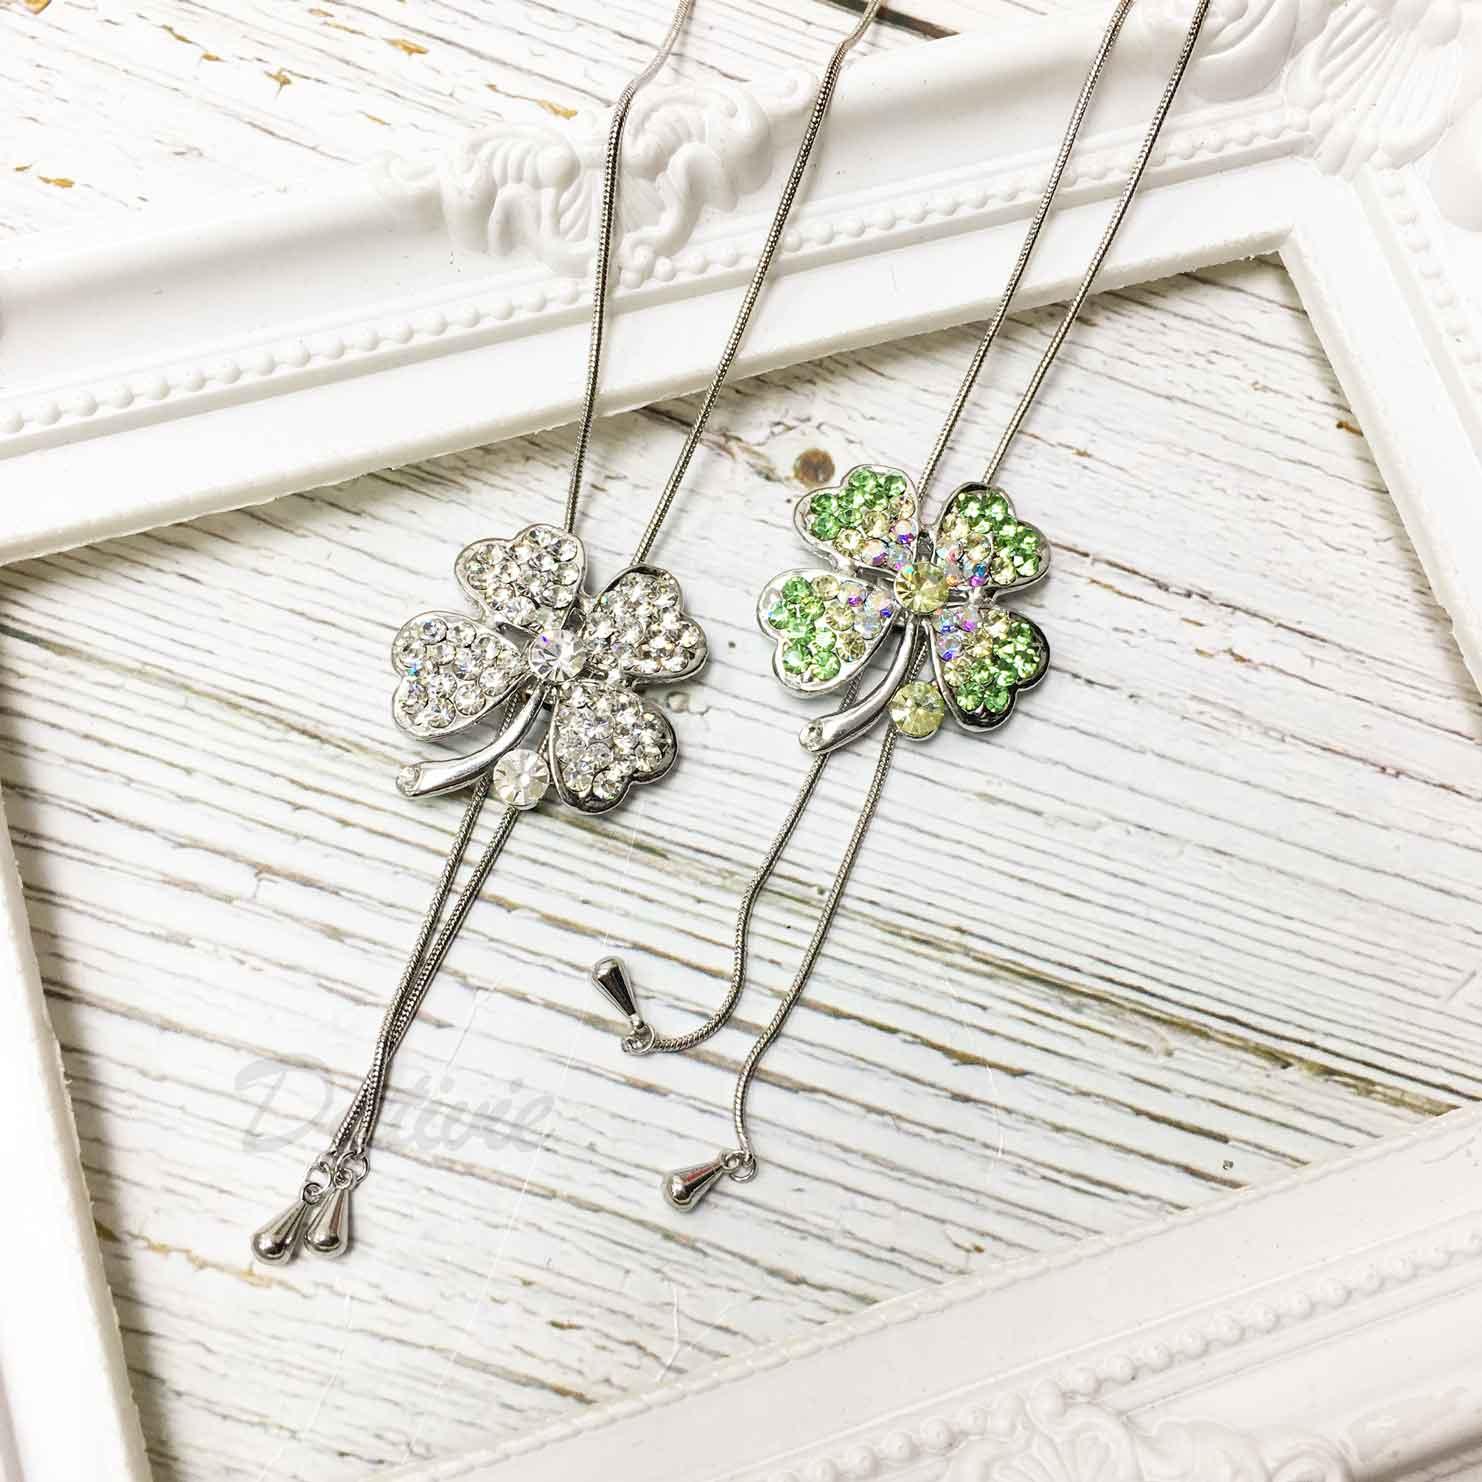 幸運草 四葉草 葉子 彩色水鑽 飾品可調 伸縮項鍊